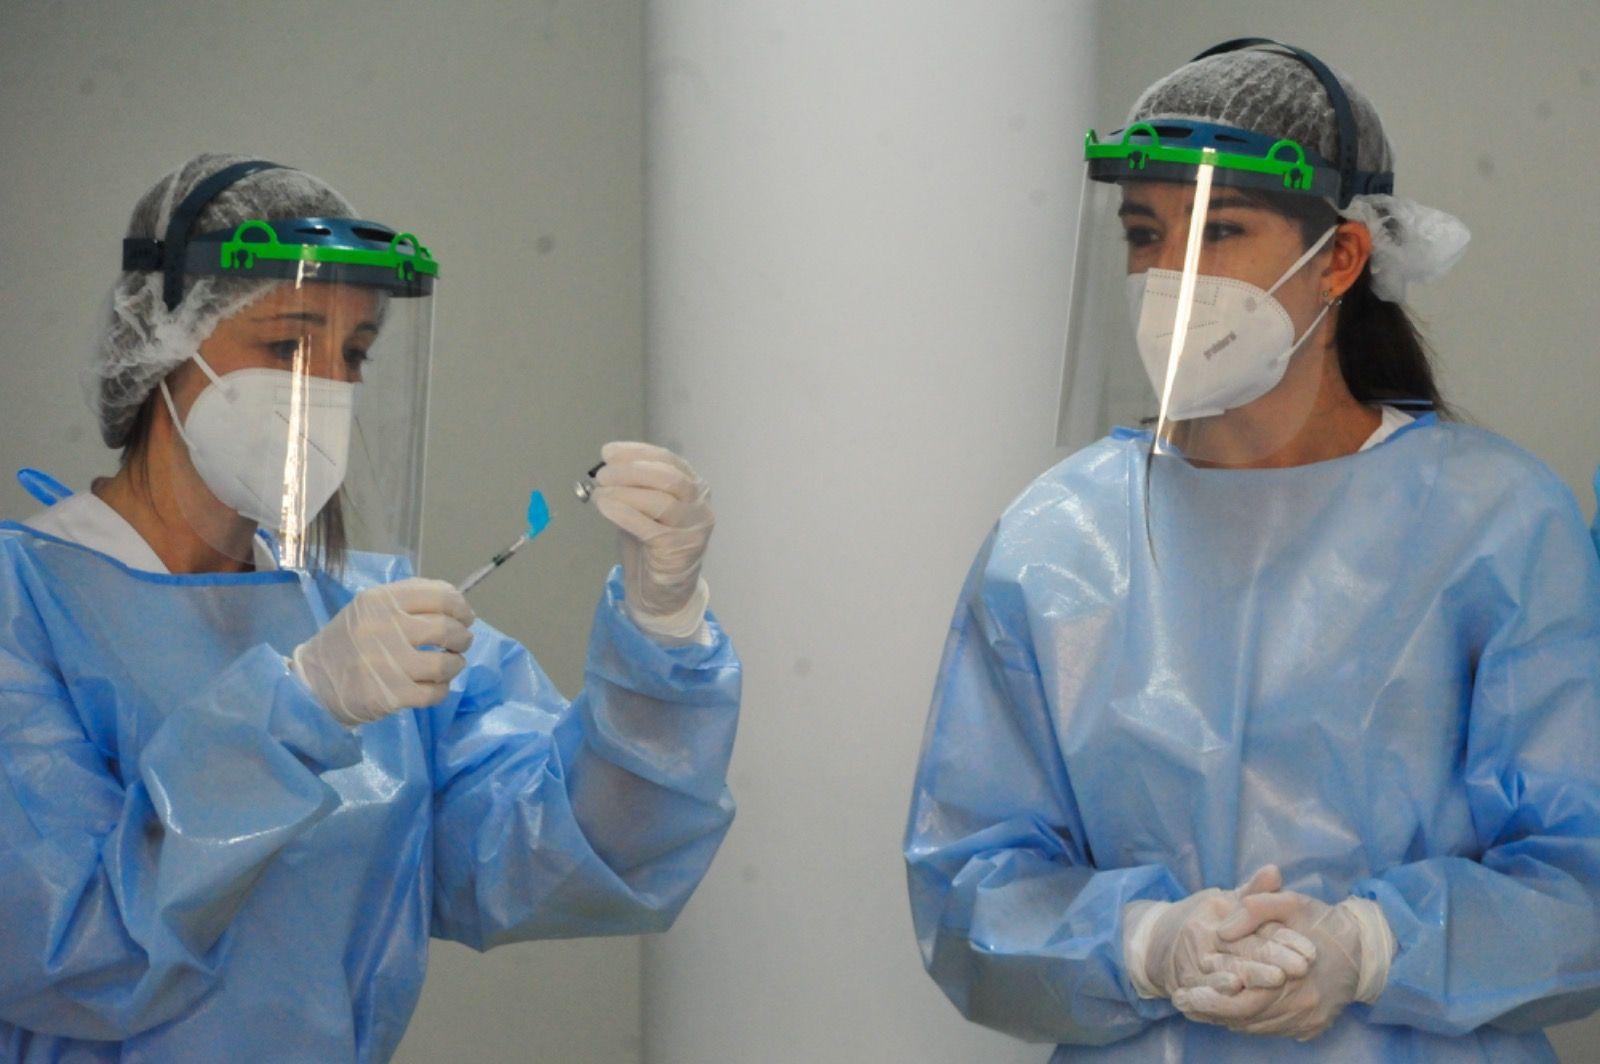 La vacuna contra el COVID llega al área de Pontevedra-O Salnés